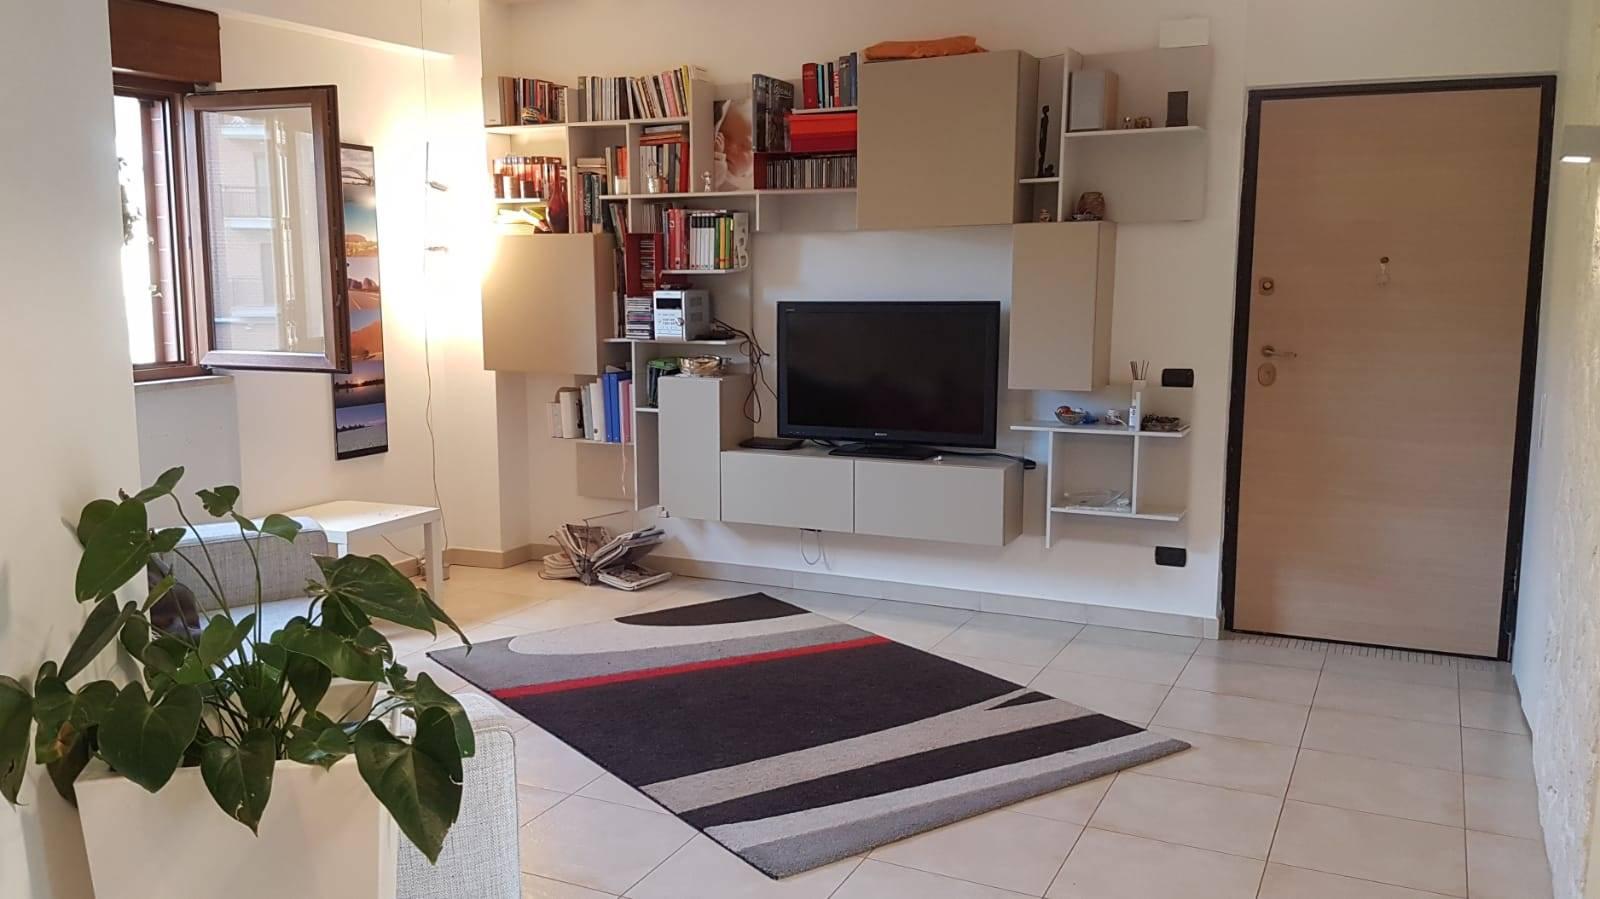 Appartamento in vendita a Potenza, 4 locali, zona Zona: Macchia Romana Edilizia Privata , prezzo € 214.000 | CambioCasa.it